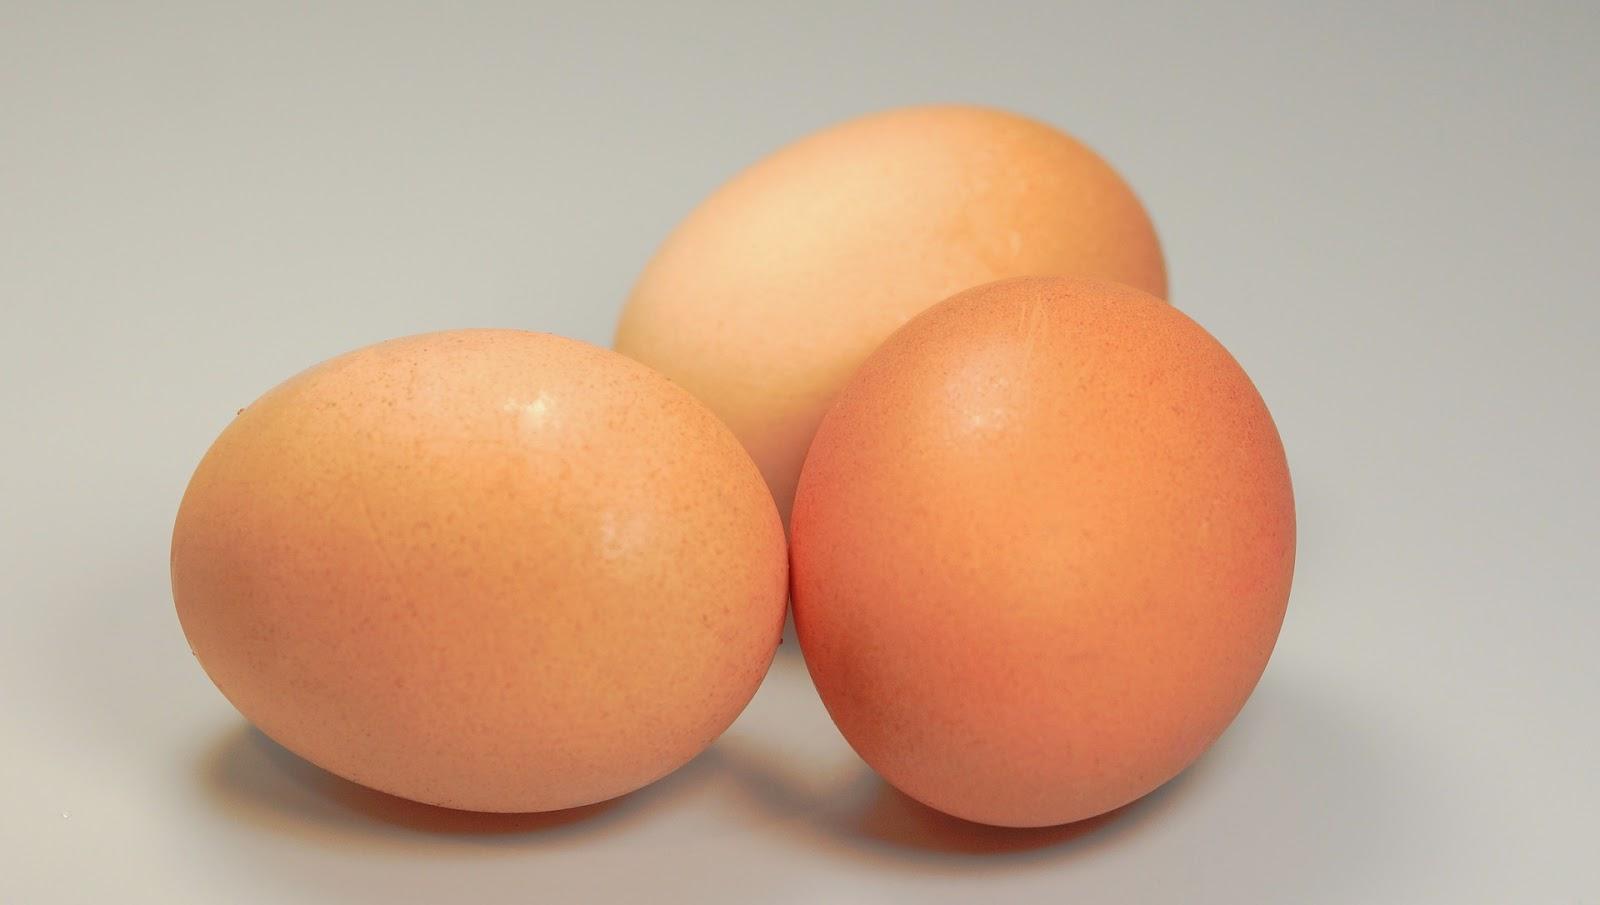 Σπάσανε τα αυγά που θέλετε να βράζετε δείτε τι μπορείτε να κάνετε